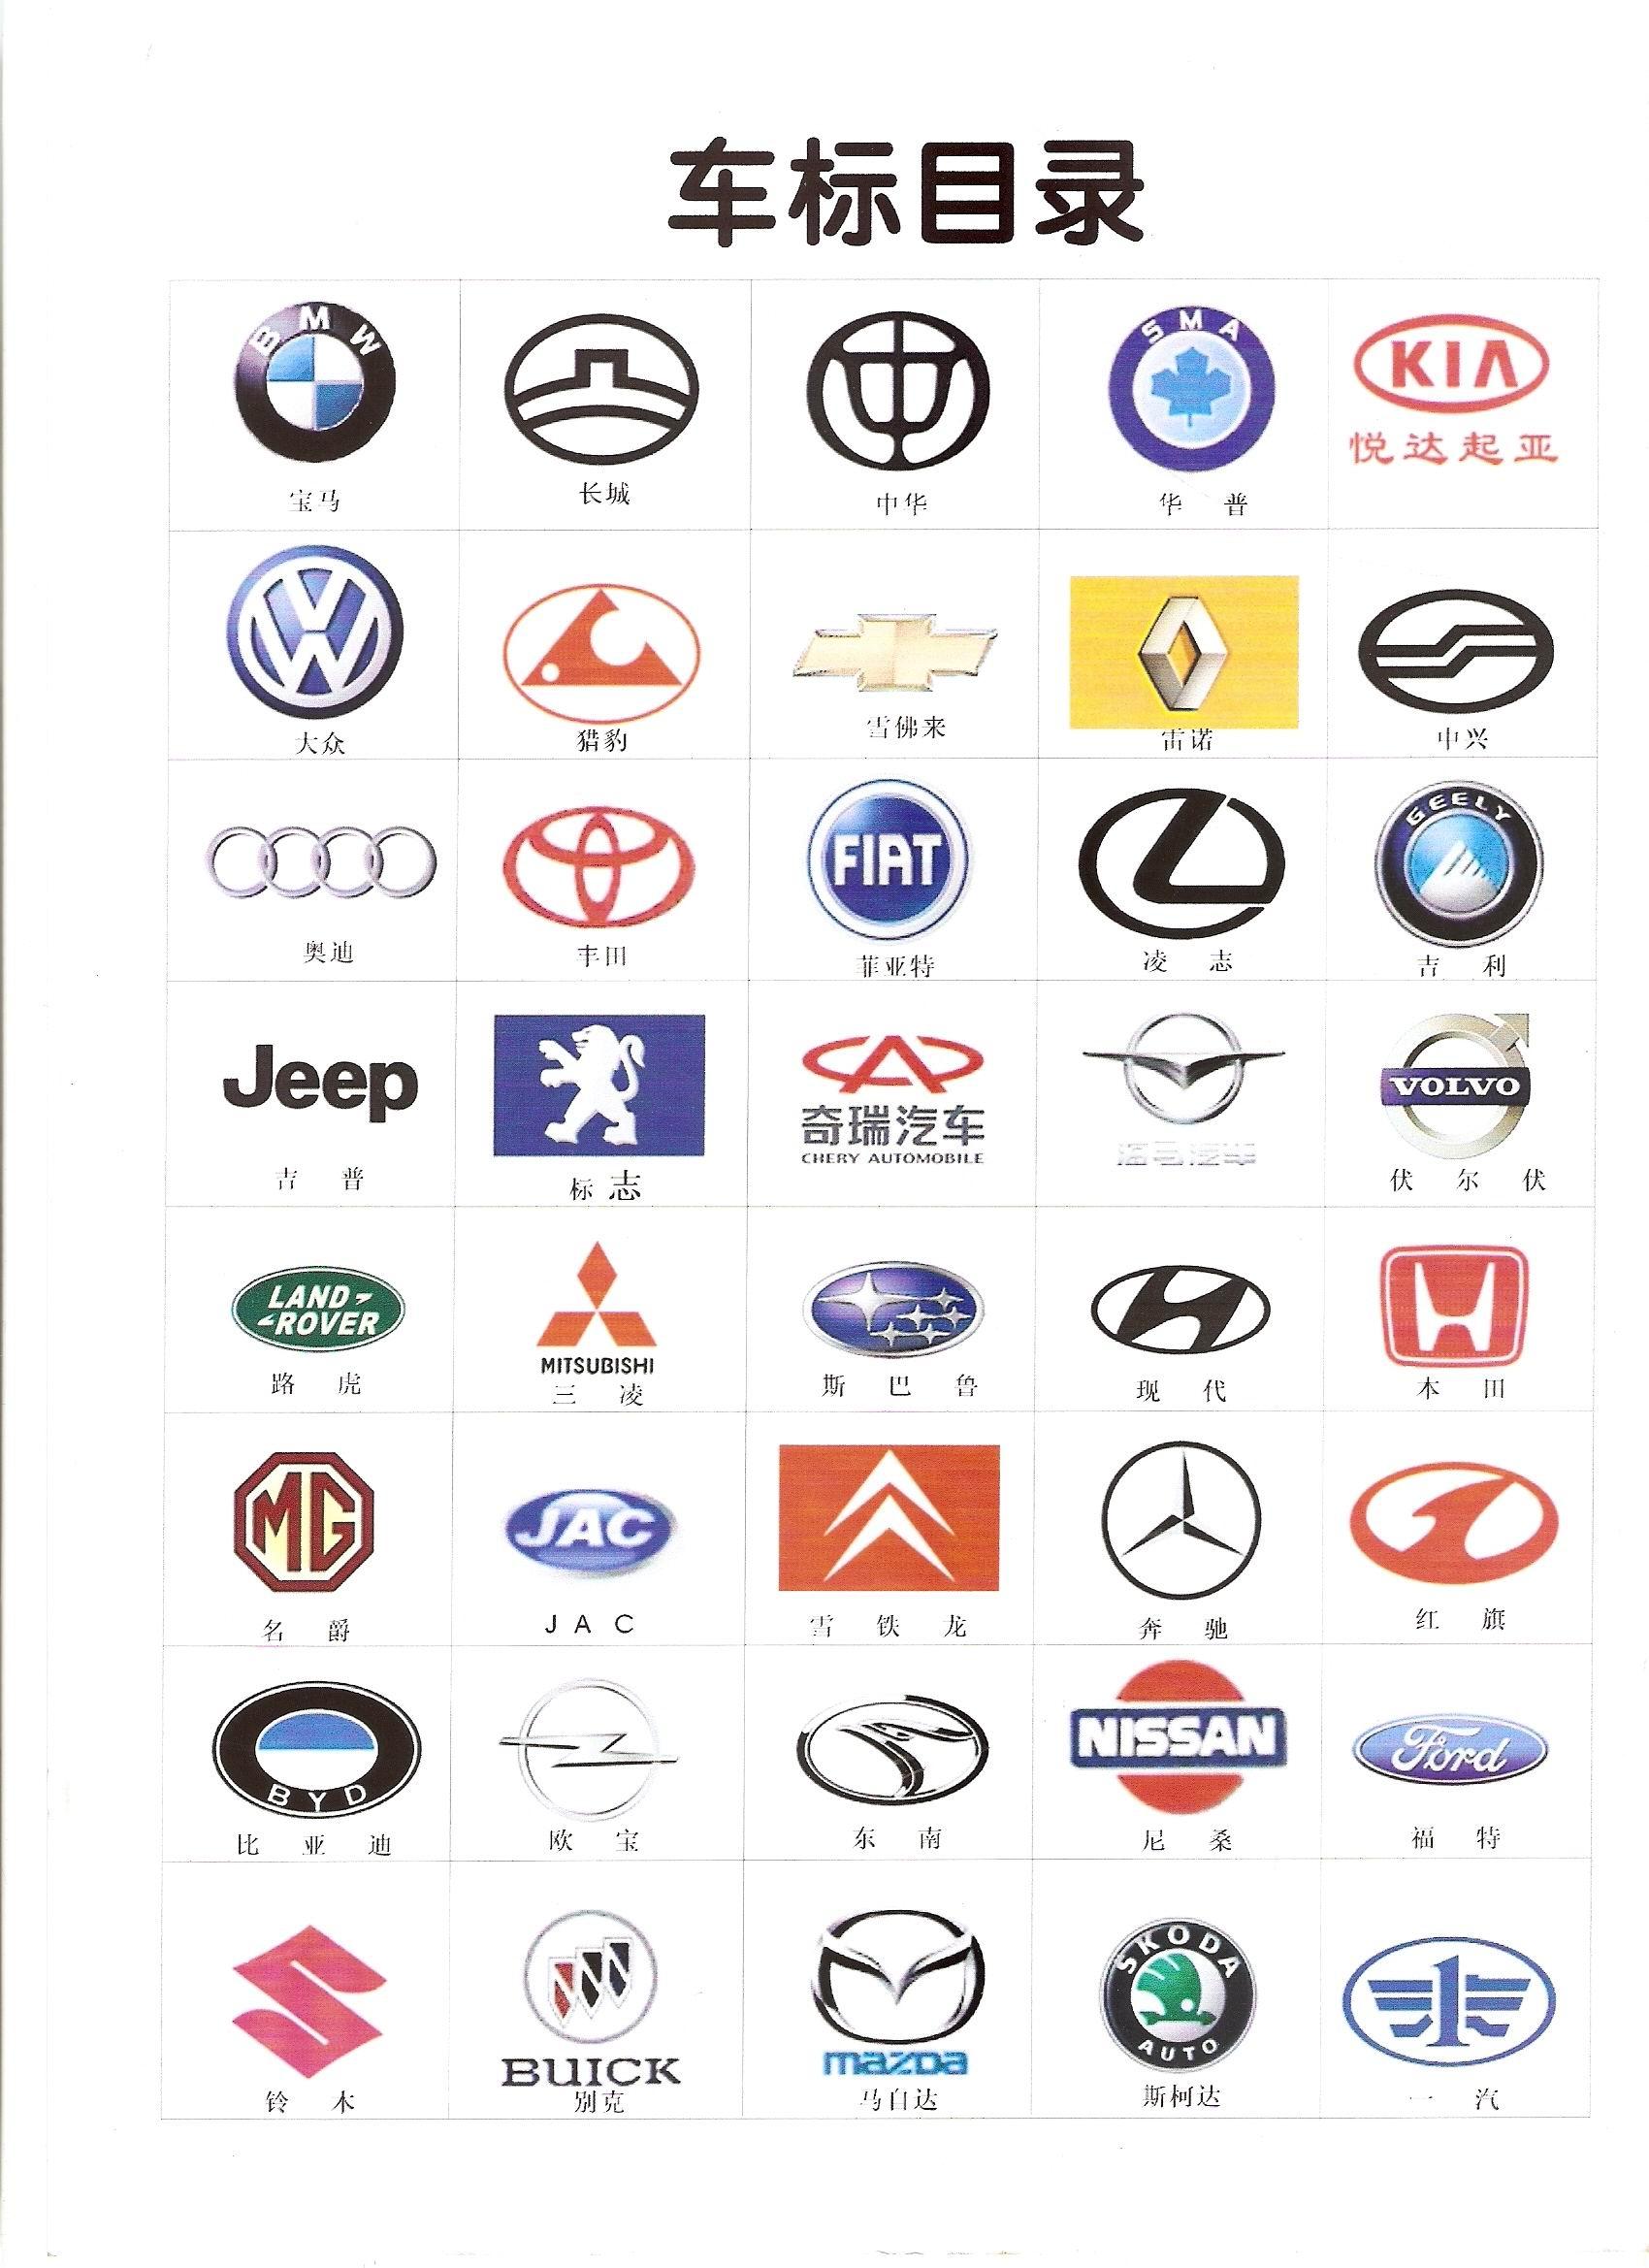 世界豪车标志及名称_豪车的标志和名字_豪车的标志和名字高清图片